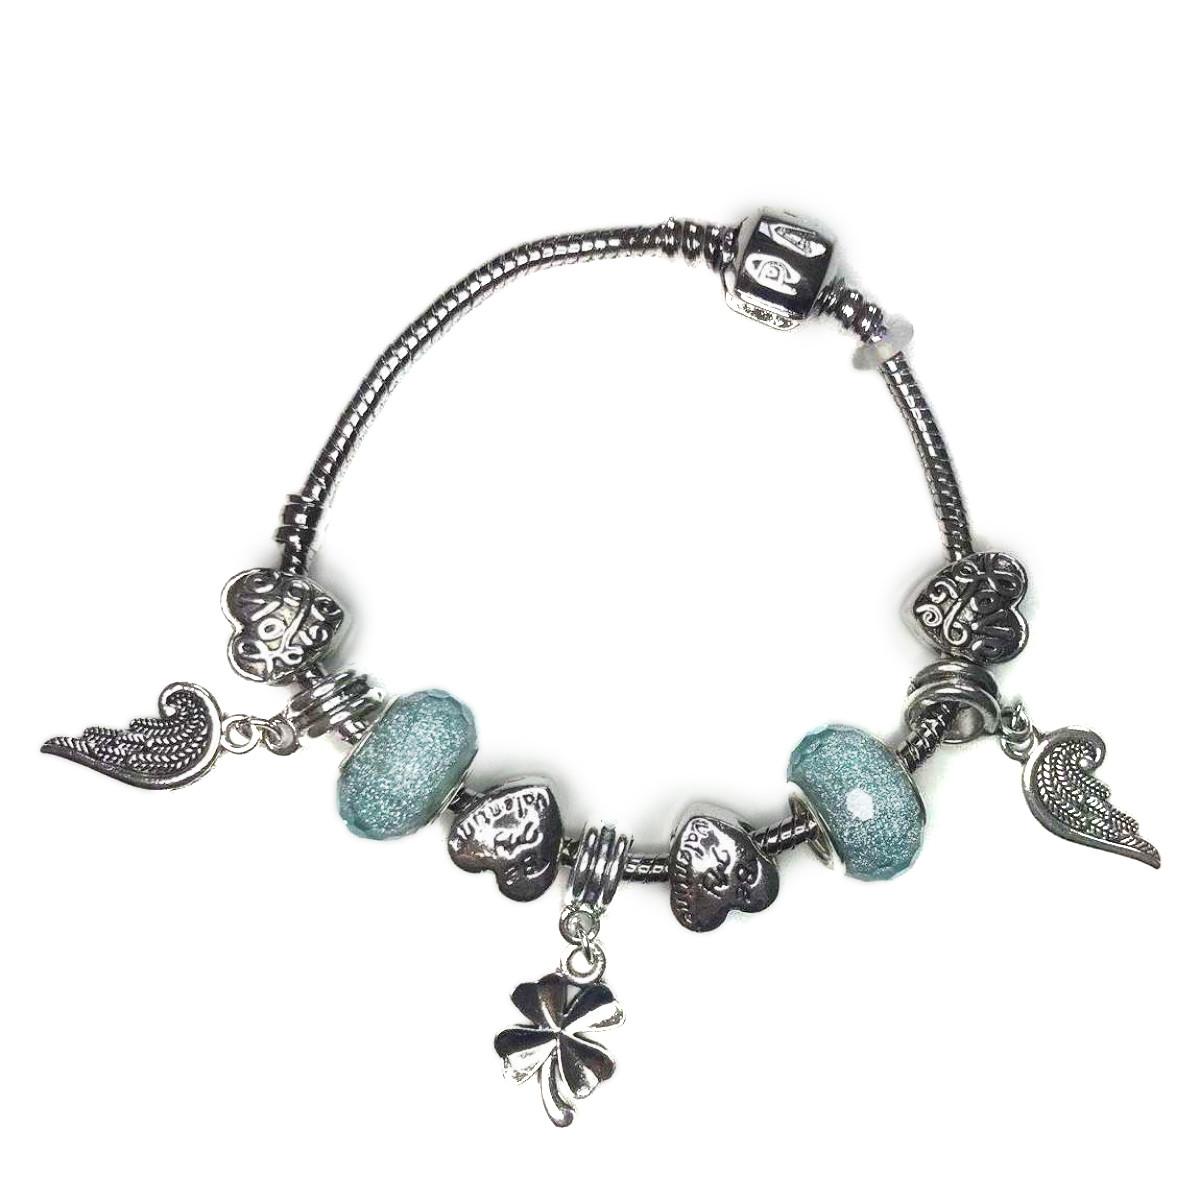 Браслет нежно голубой с крыльями SKL11-238148